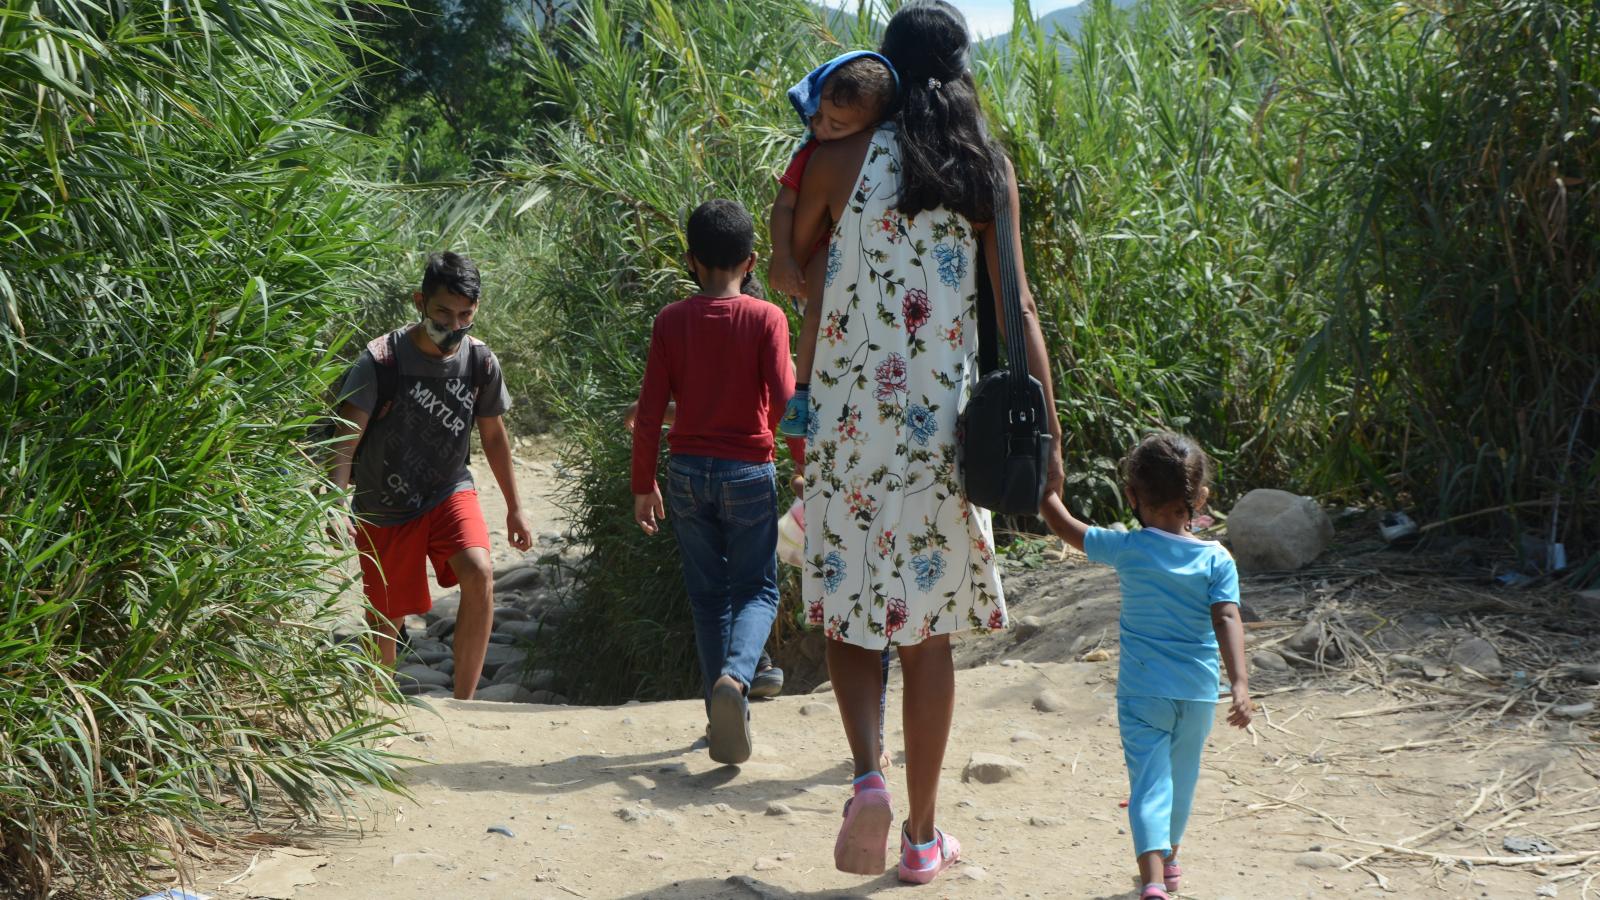 Hijos de dónde: la apatridia sigue acechando